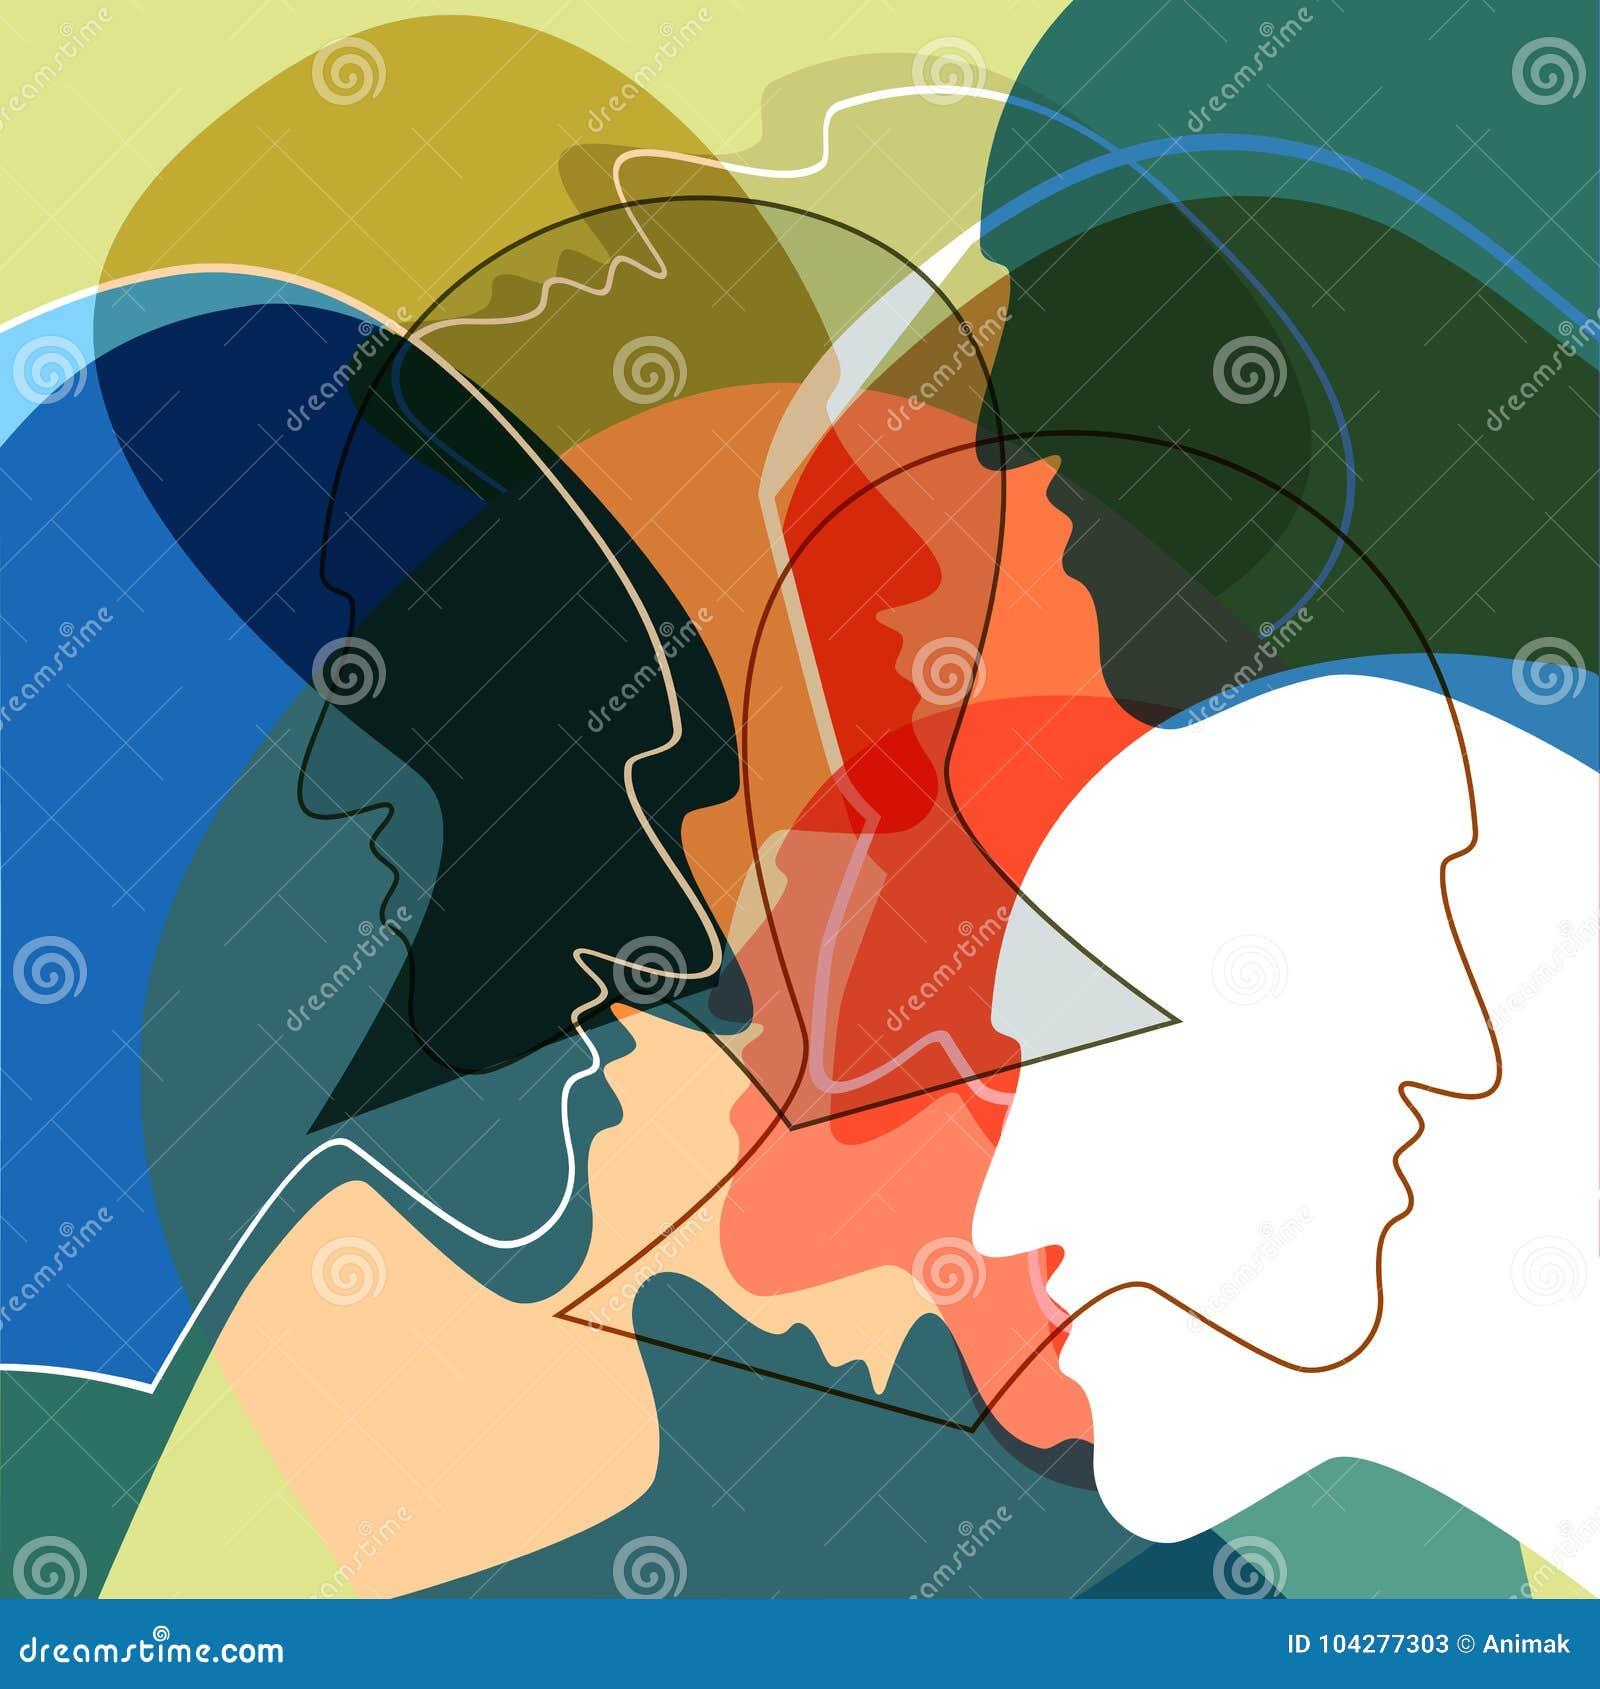 Het concept van hoofdenmensen, symbool van communicatie tussen mensen